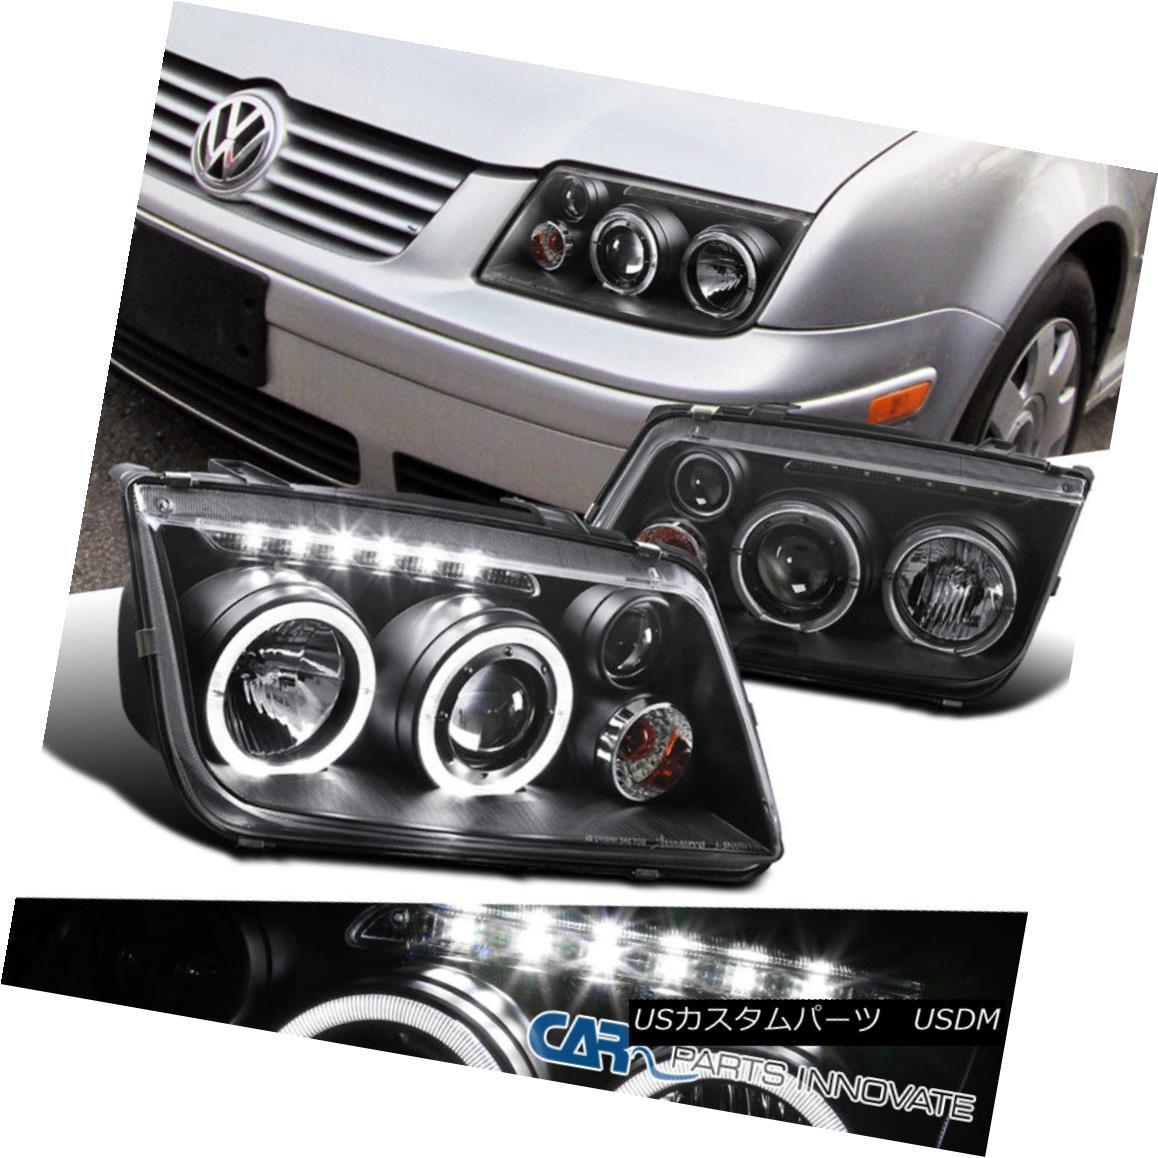 グリル Fit 99-05 Jetta Bora Mk4 LED Halo Projector Headlights Lamps Black w/ Fog DRL フィット99-05ジェッタボラMk4 LEDハロープロジェクターヘッドライトランプブラック/フォグDRL